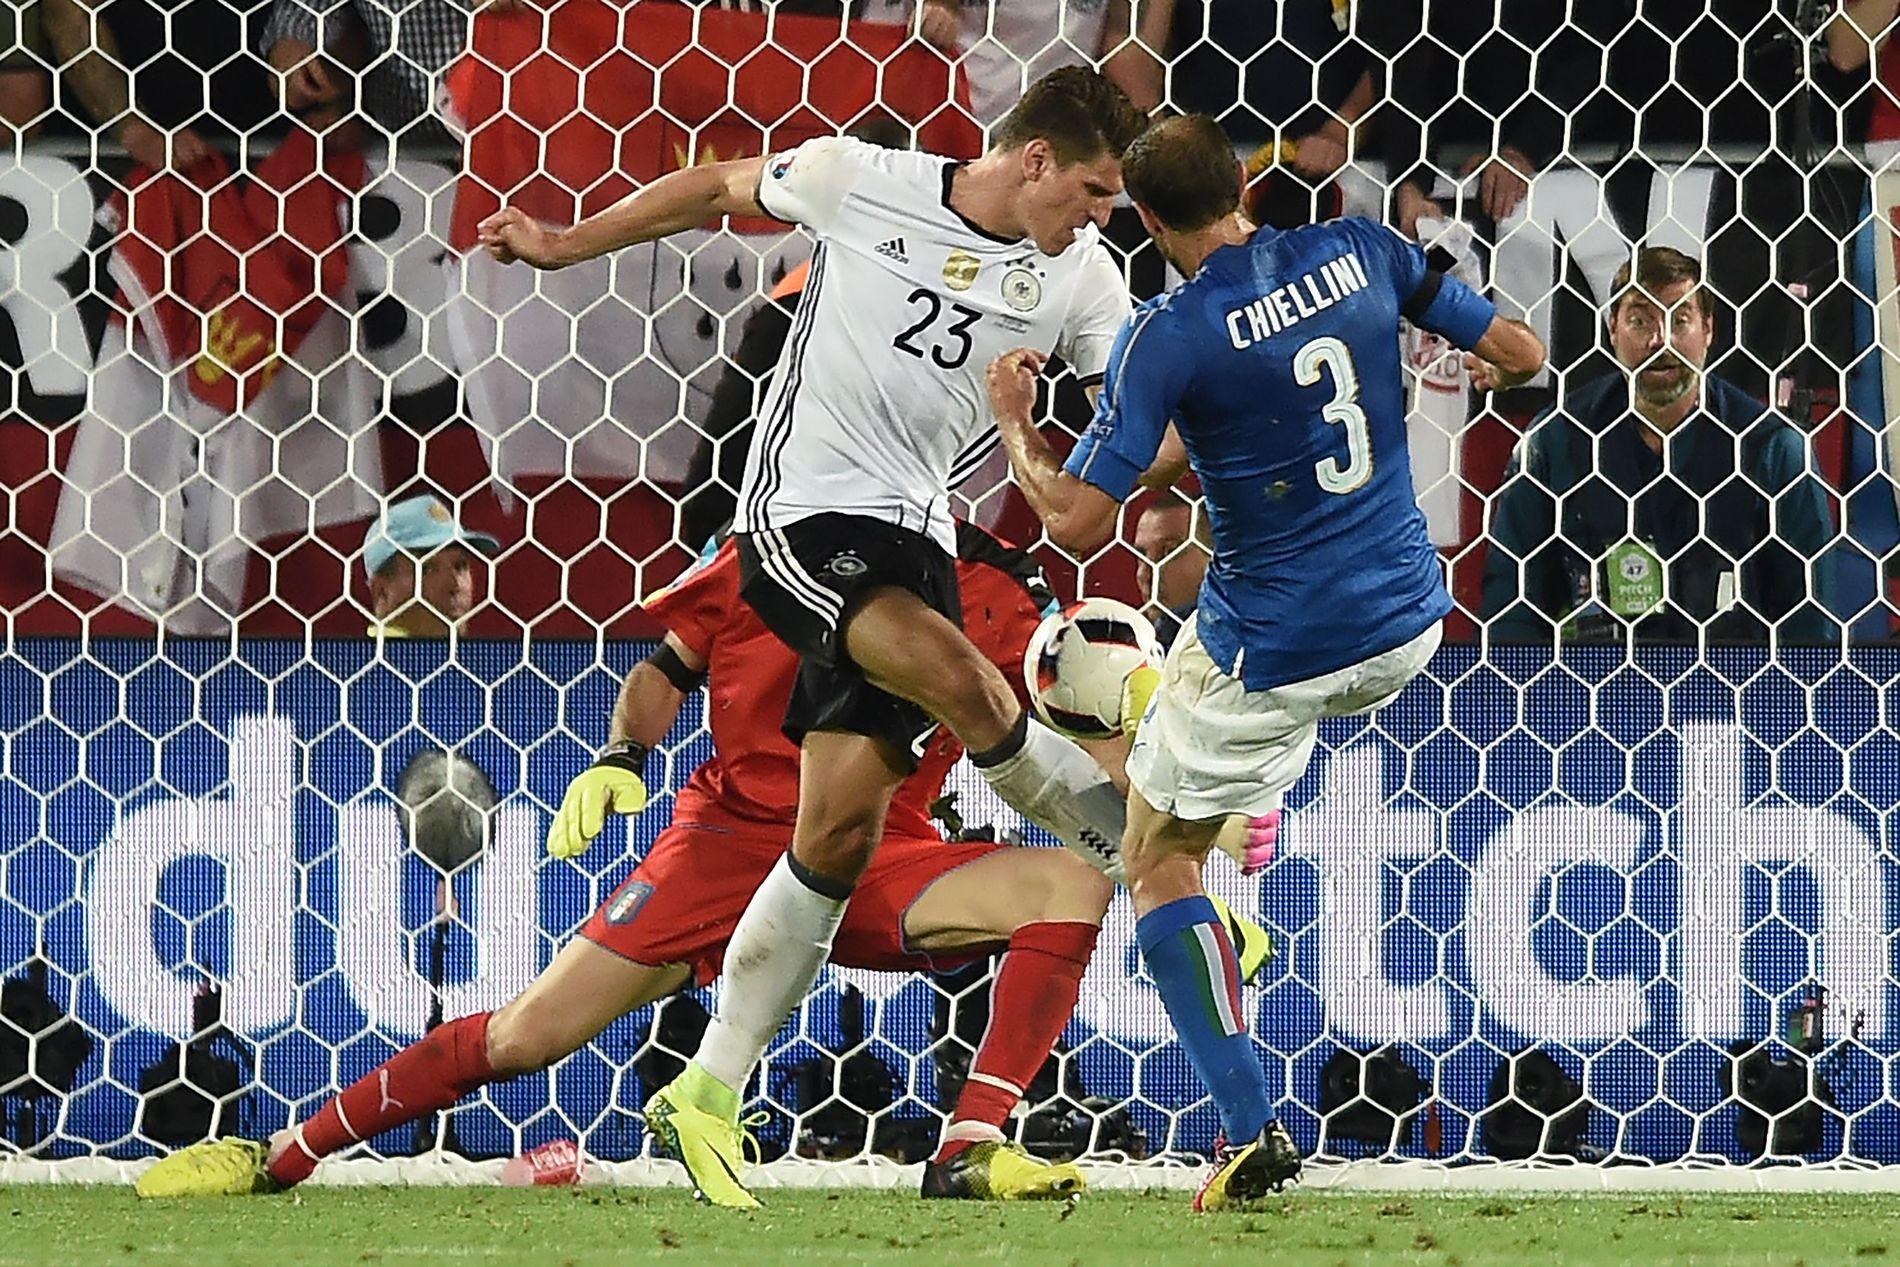 AVGJØRENDE ØYEBLIKK: Hadde Mario Gomez klart å overliste Buffon med hælsparket like etter 1-0-målet til Özil, hadde Tyskland trolig vært i semifinalen etter full tid.